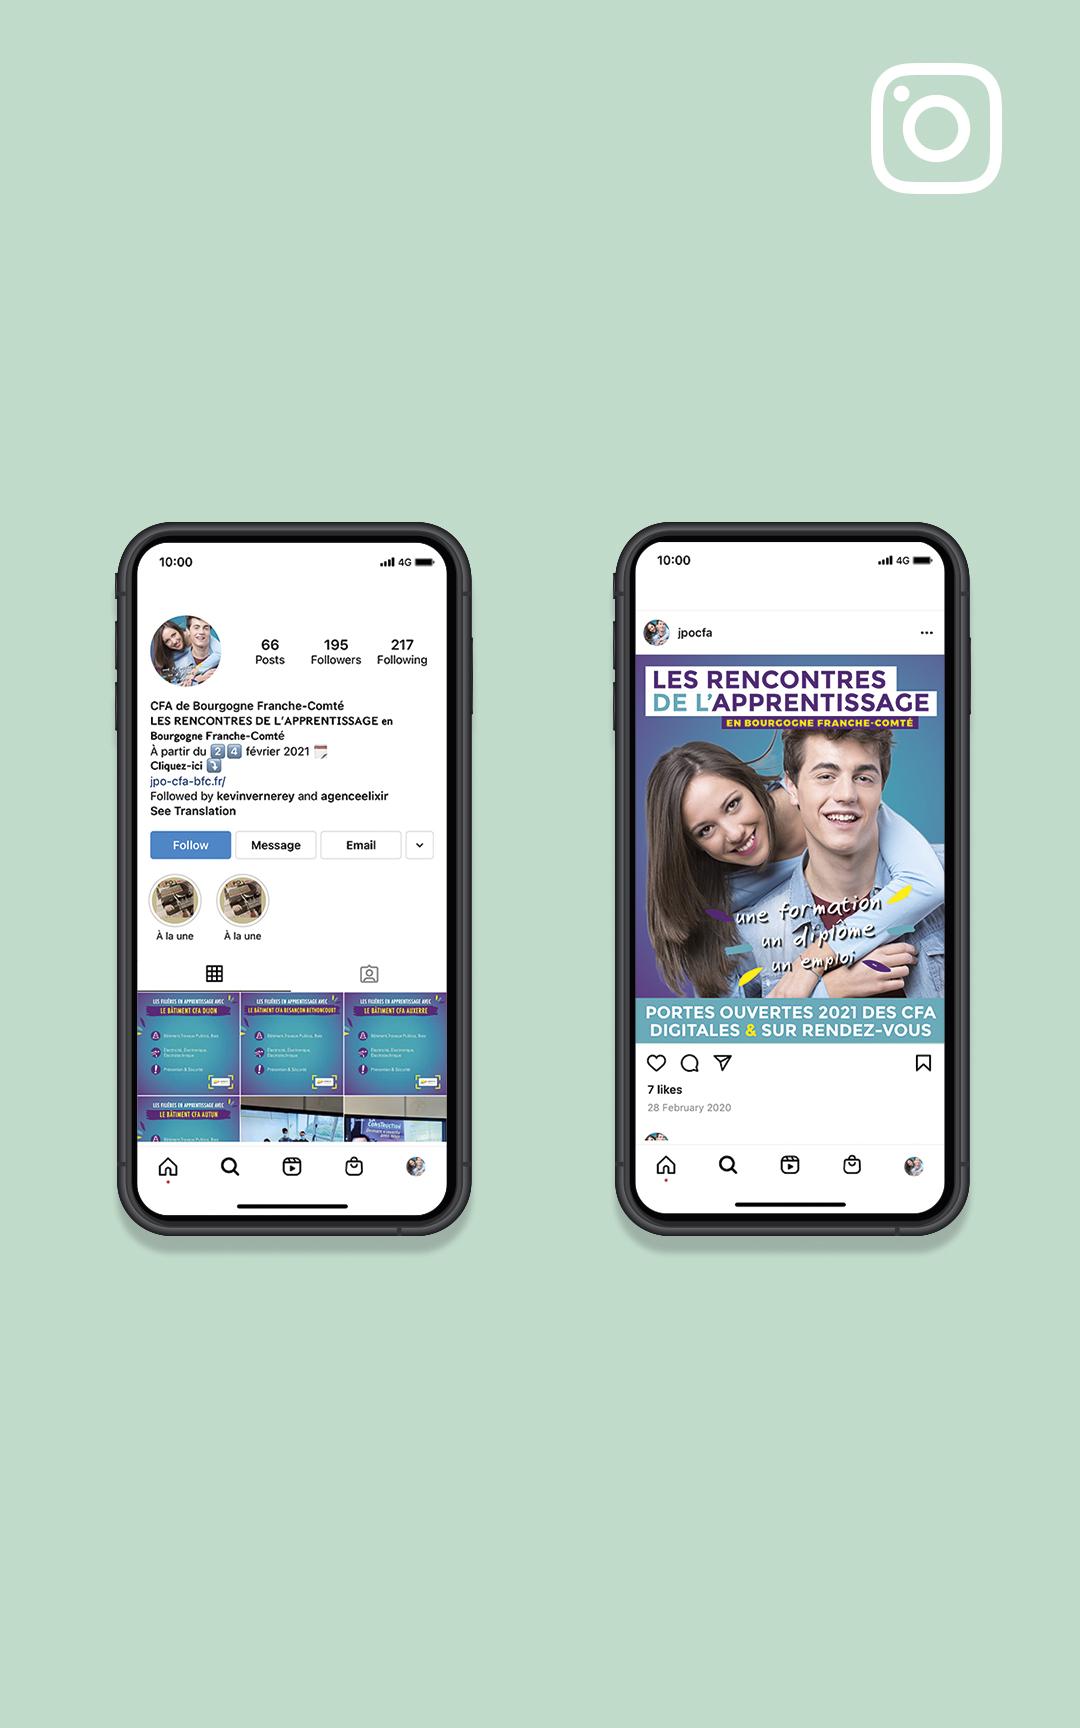 Création d'un compte Instagram pour les rencontres de l'apprentissage en BFC